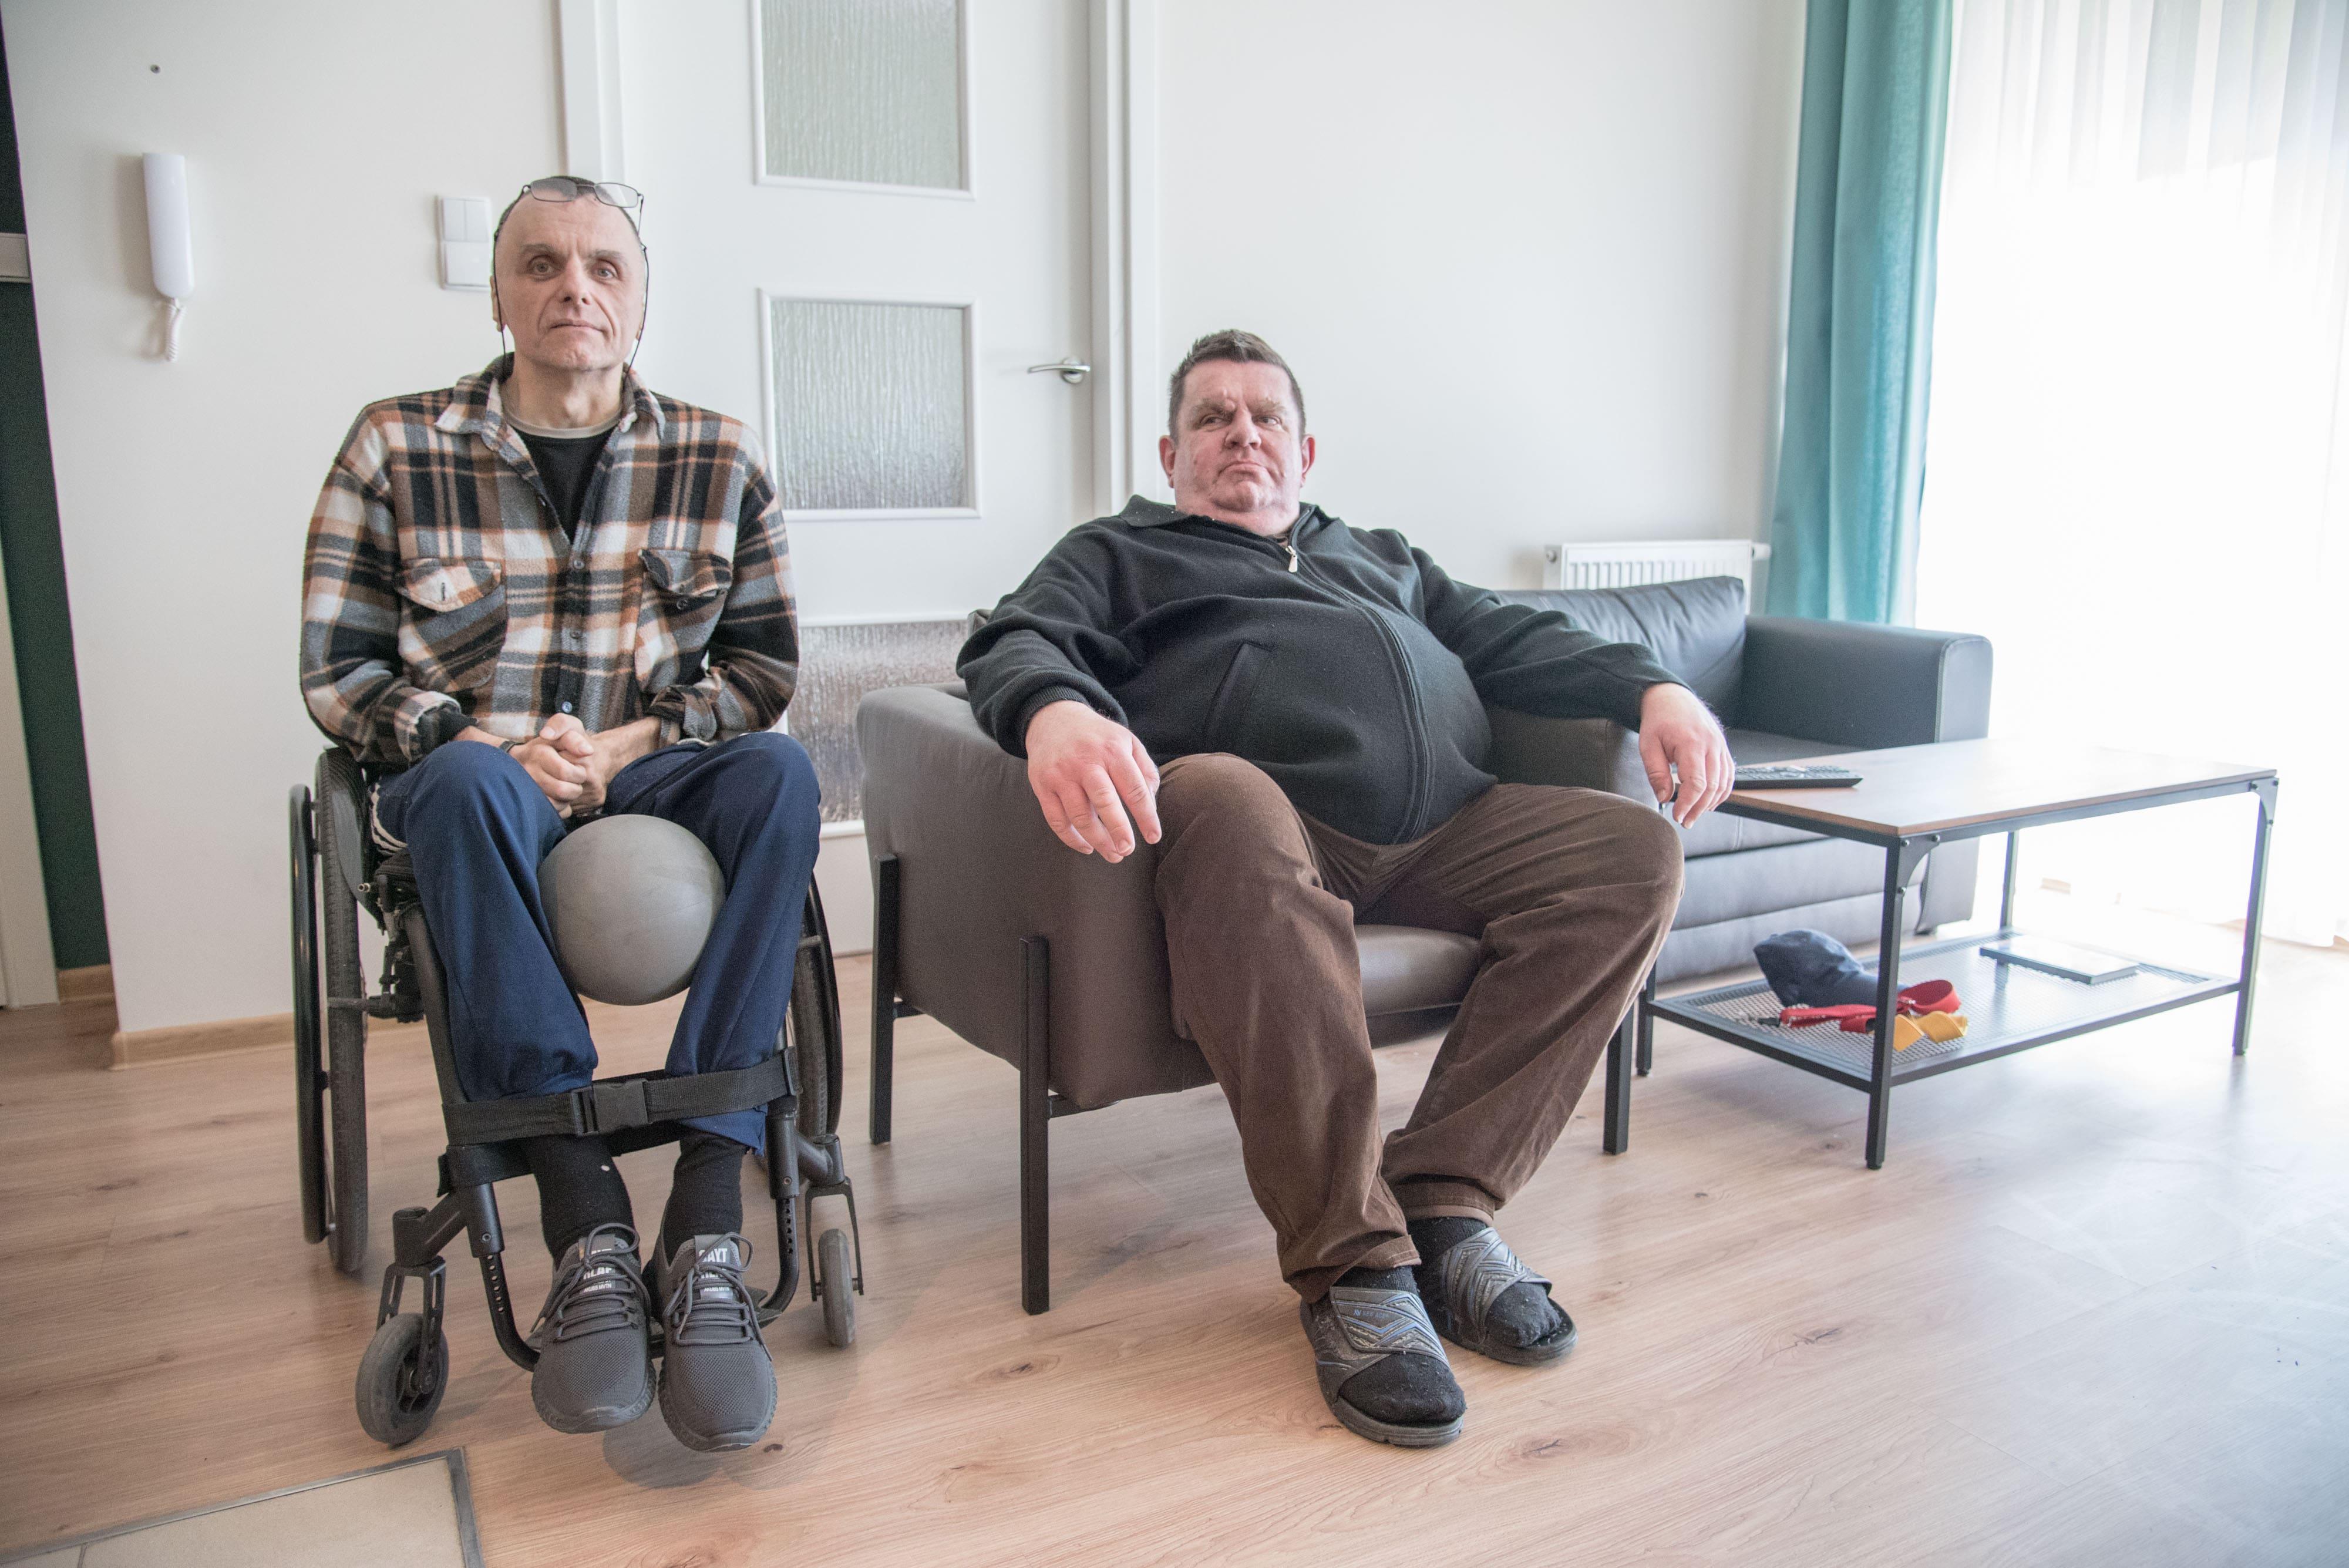 Bracia Stanisław i Grzegorz w nowym mieszkaniu komunalnym